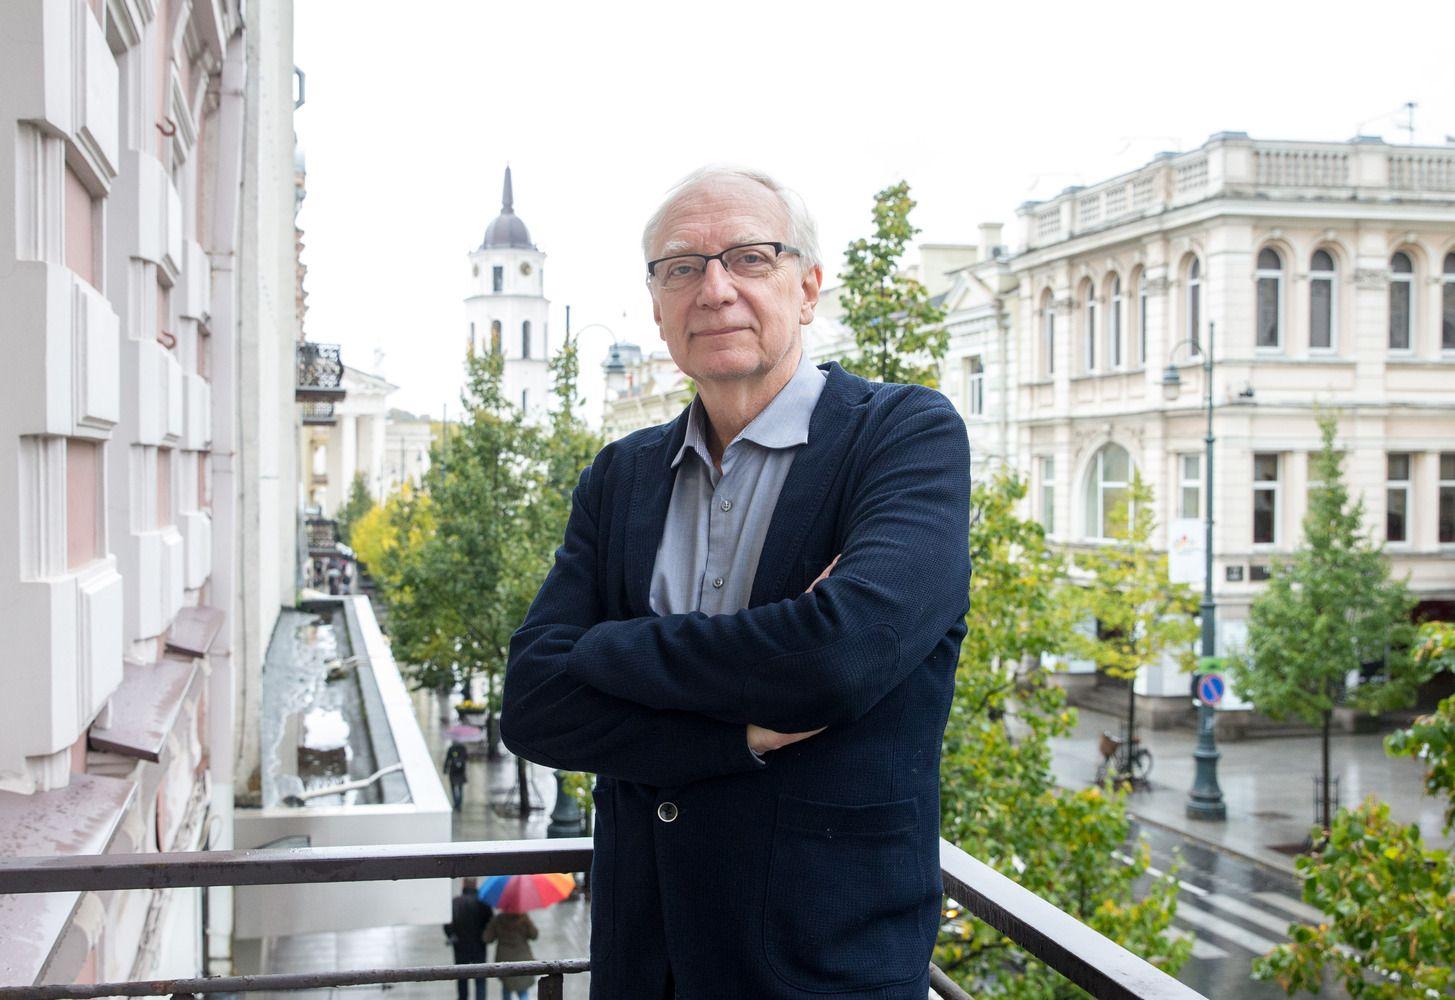 Garsus politologas Leggewie: neišspręsta praeitis išplaukia į paviršių naujais konfliktais